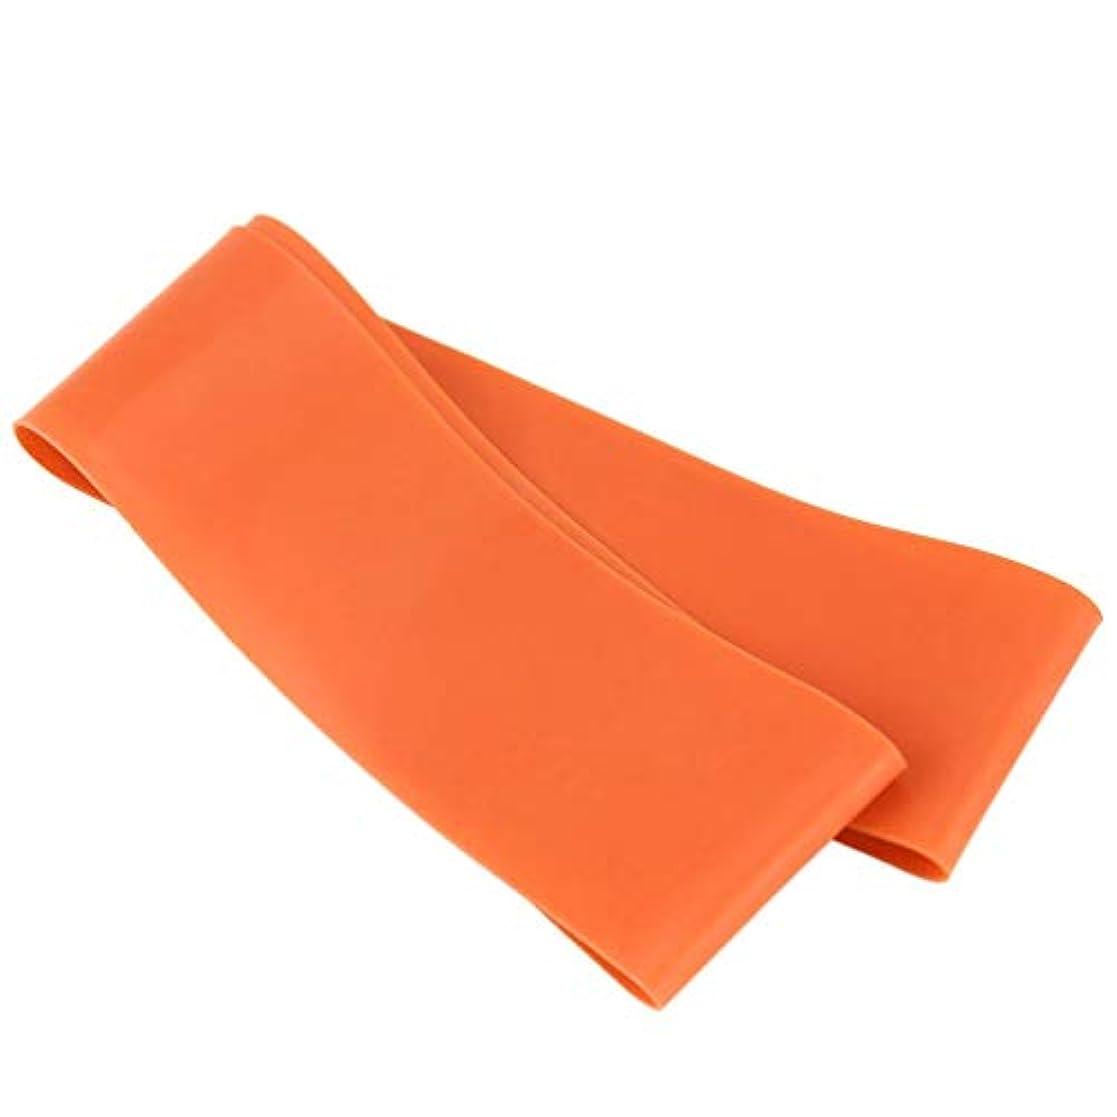 篭狐ケイ素滑り止めの伸縮性のあるゴム製伸縮性がある伸縮性があるヨガベルトバンド引きロープの張力抵抗バンドループ強度のためのフィットネスヨガツール - オレンジ